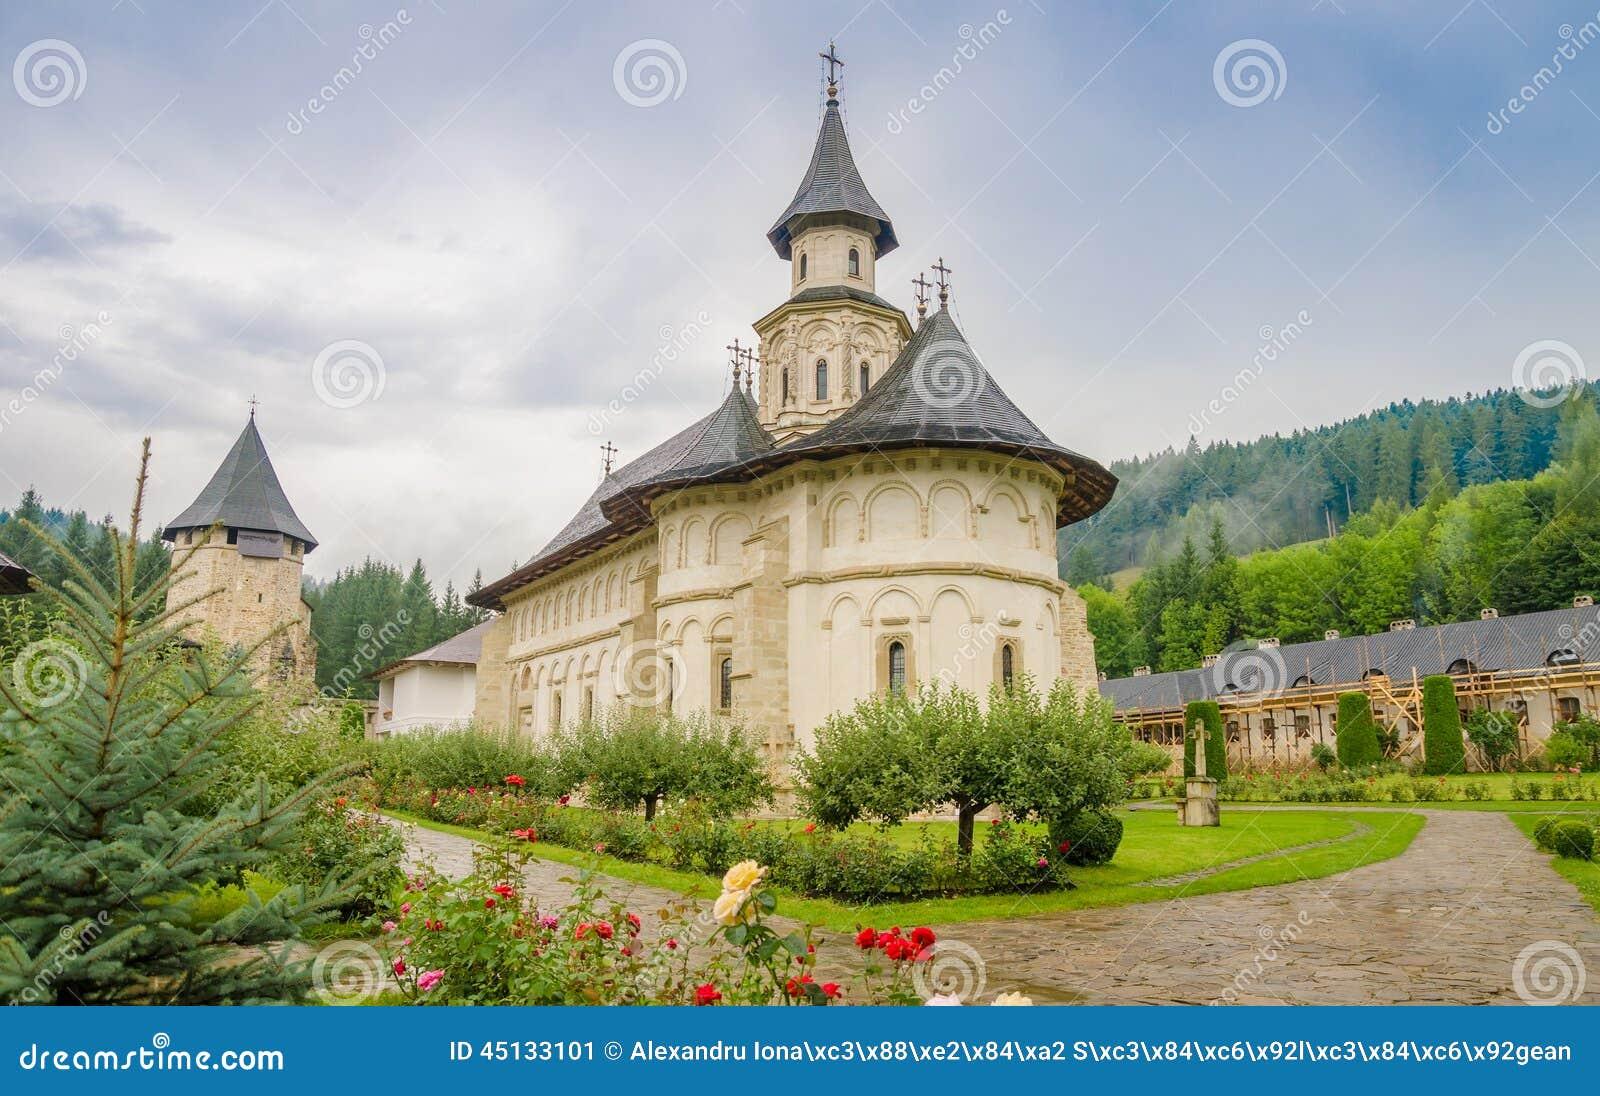 Monastério ortodoxo de Putna na região de Moldávia de Romênia